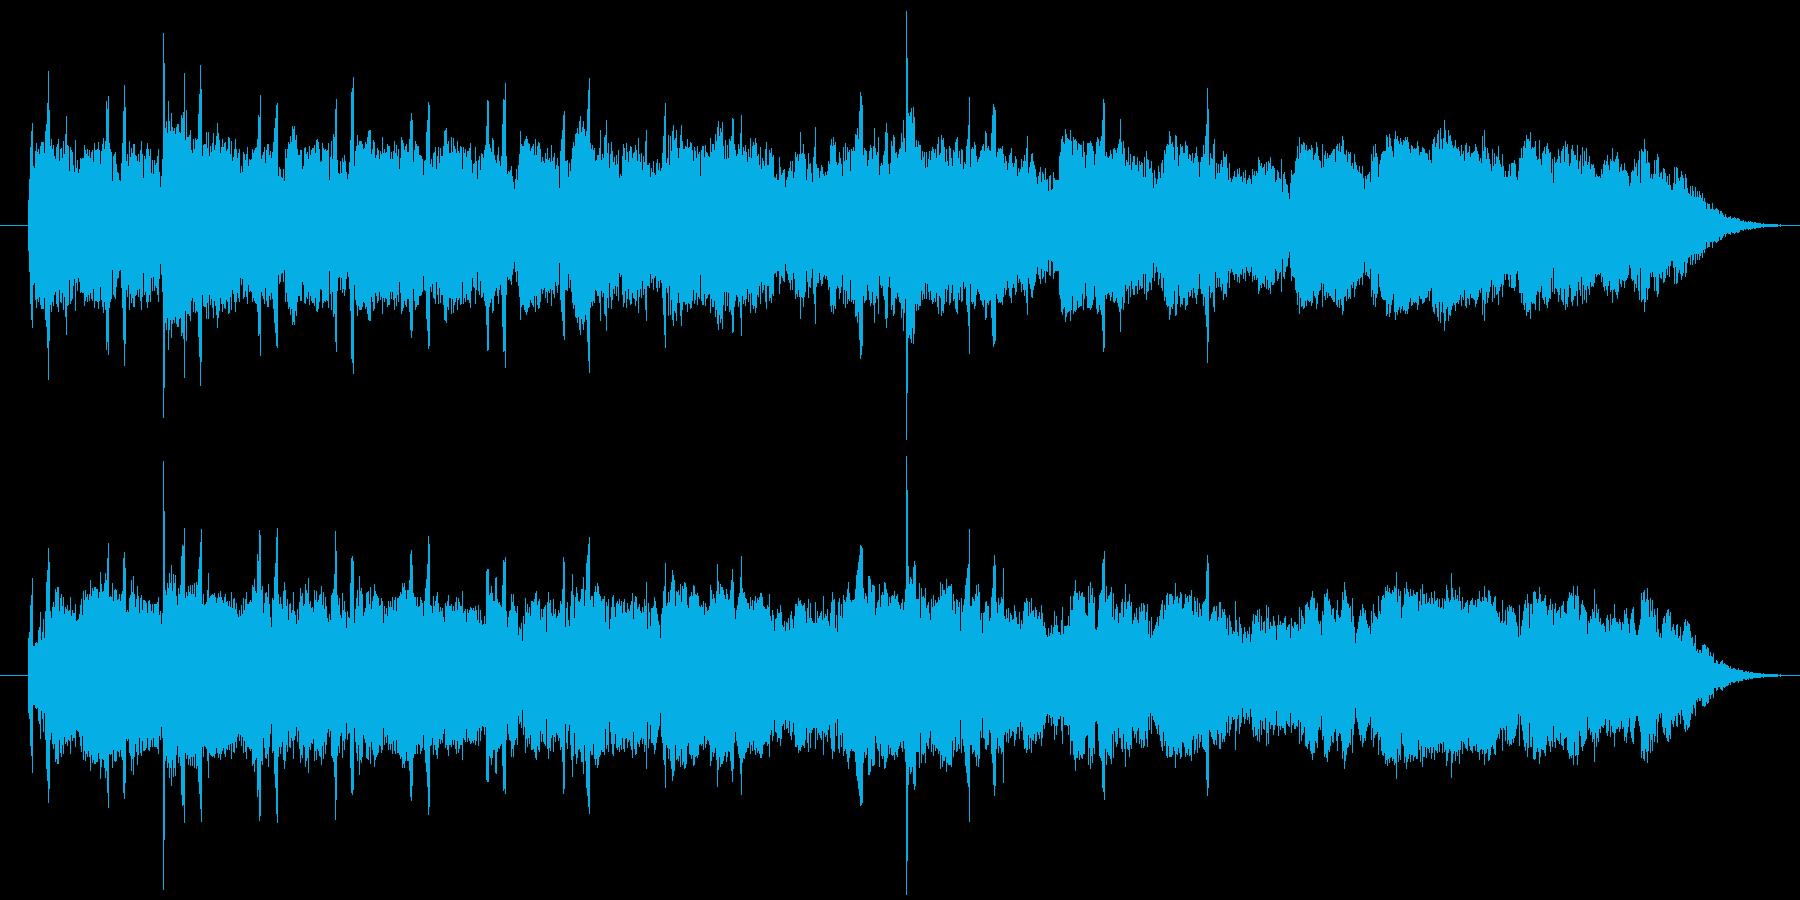 調性のないノイジーで不気味なサウンドの再生済みの波形